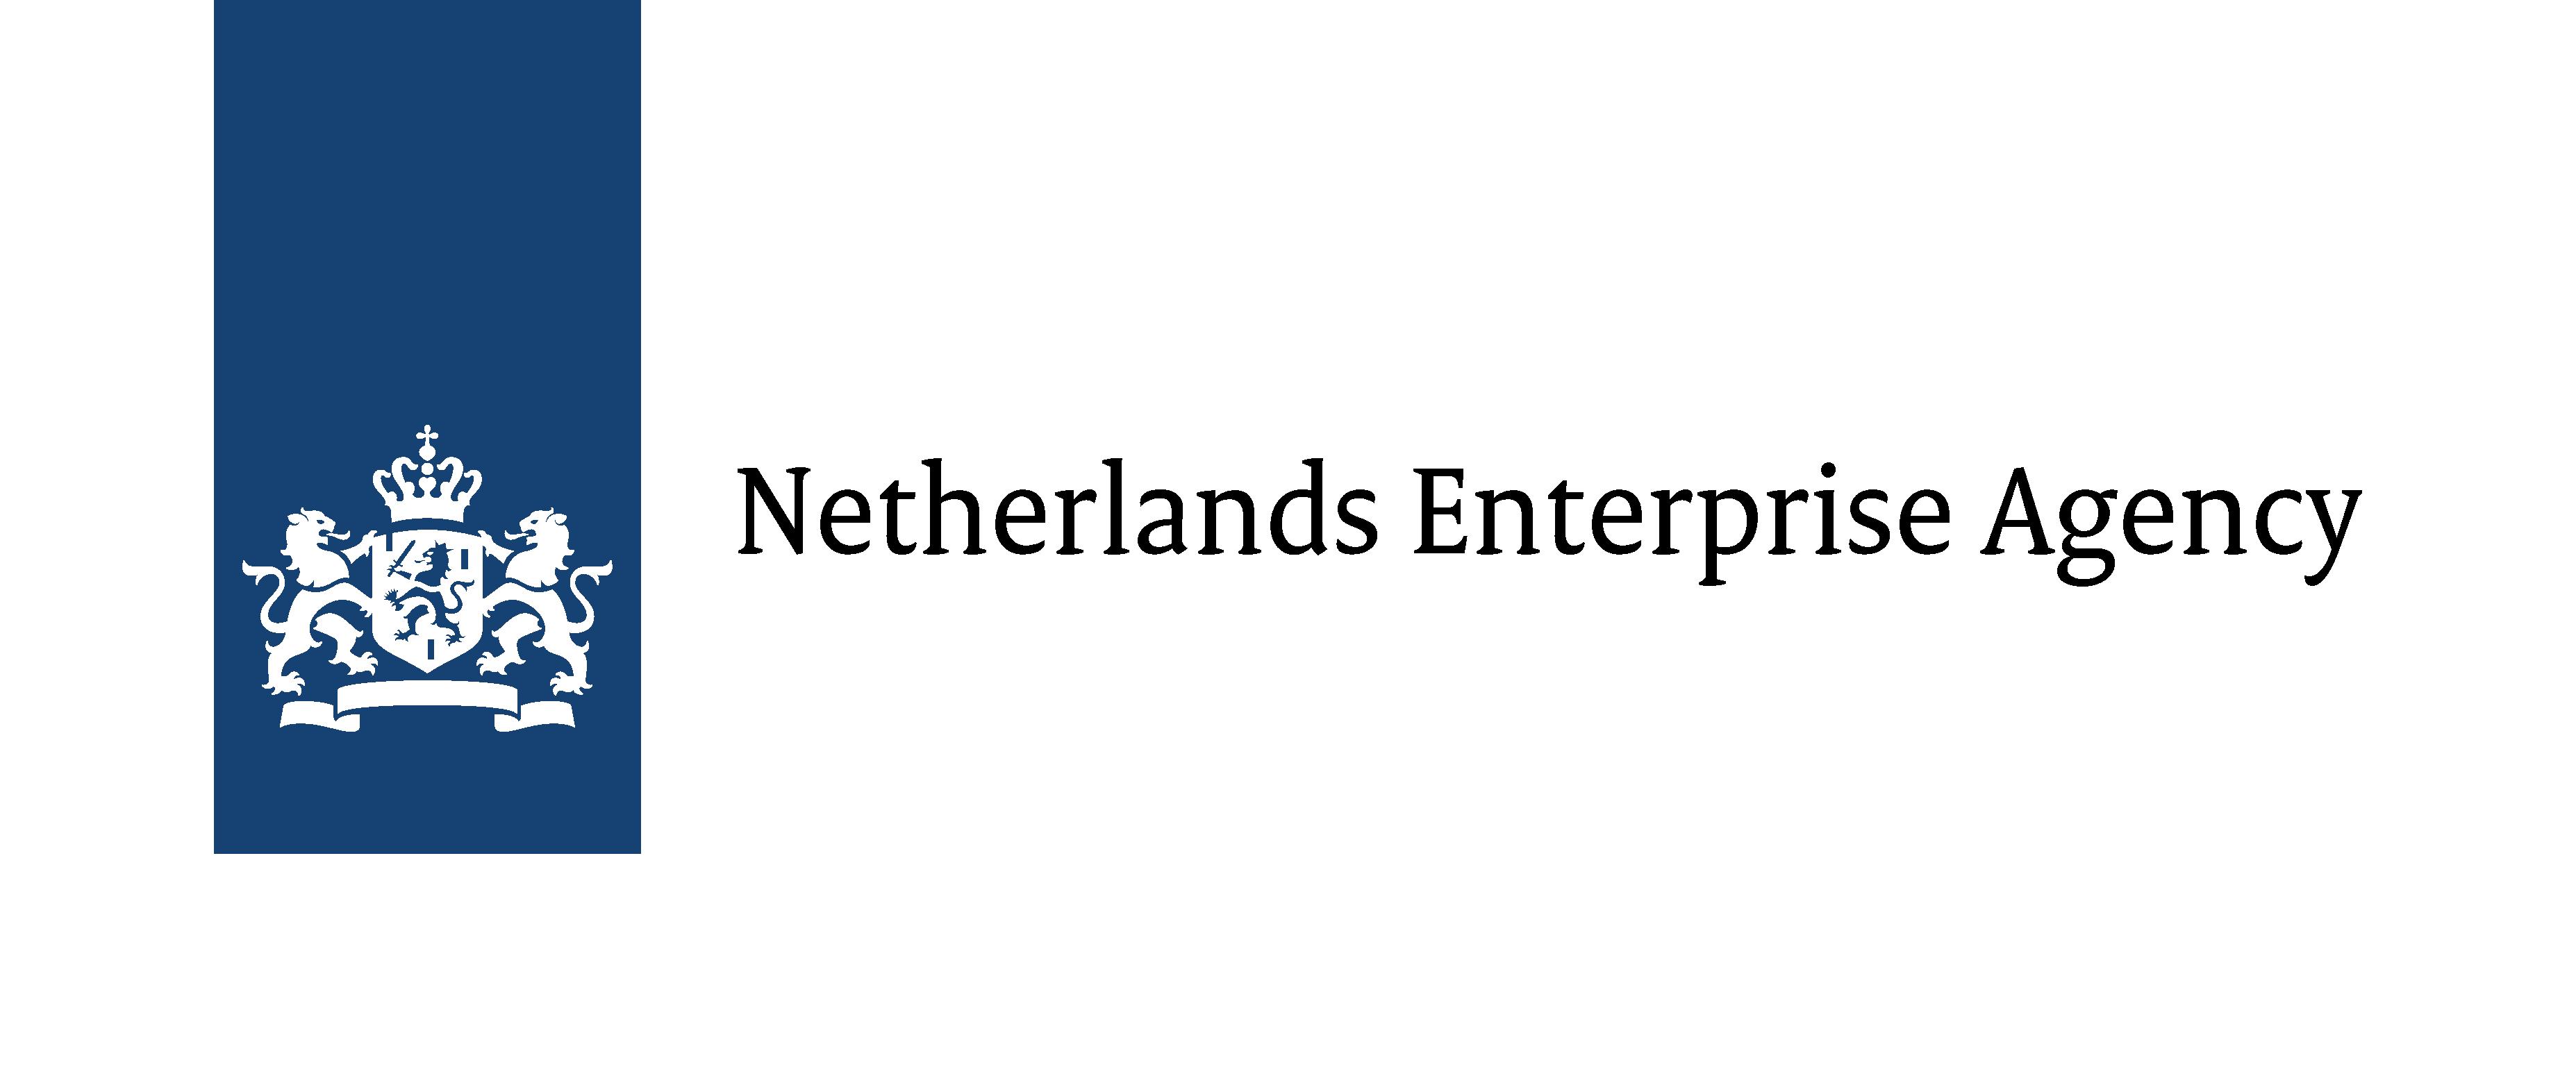 Netherlands Enterprise Agency